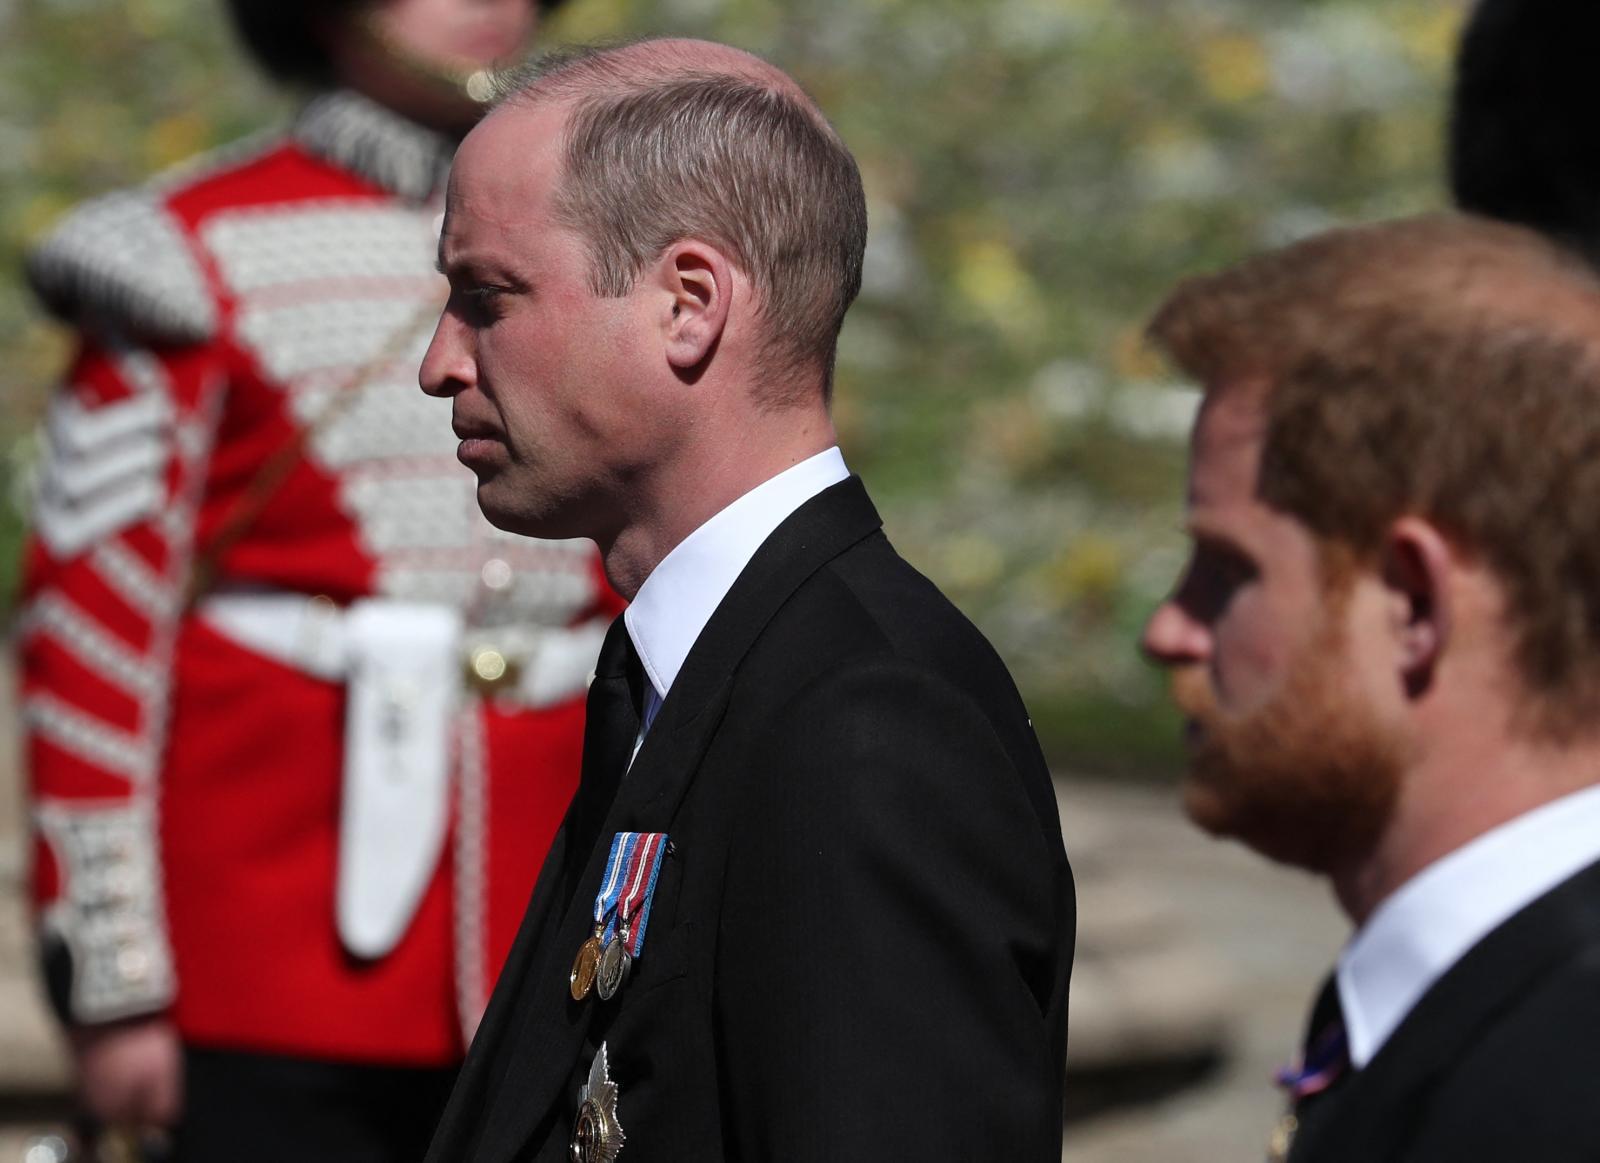 ราชวงศ์อังกฤษร่วมพิธีฝังพระศพเจ้าชายฟิลิป